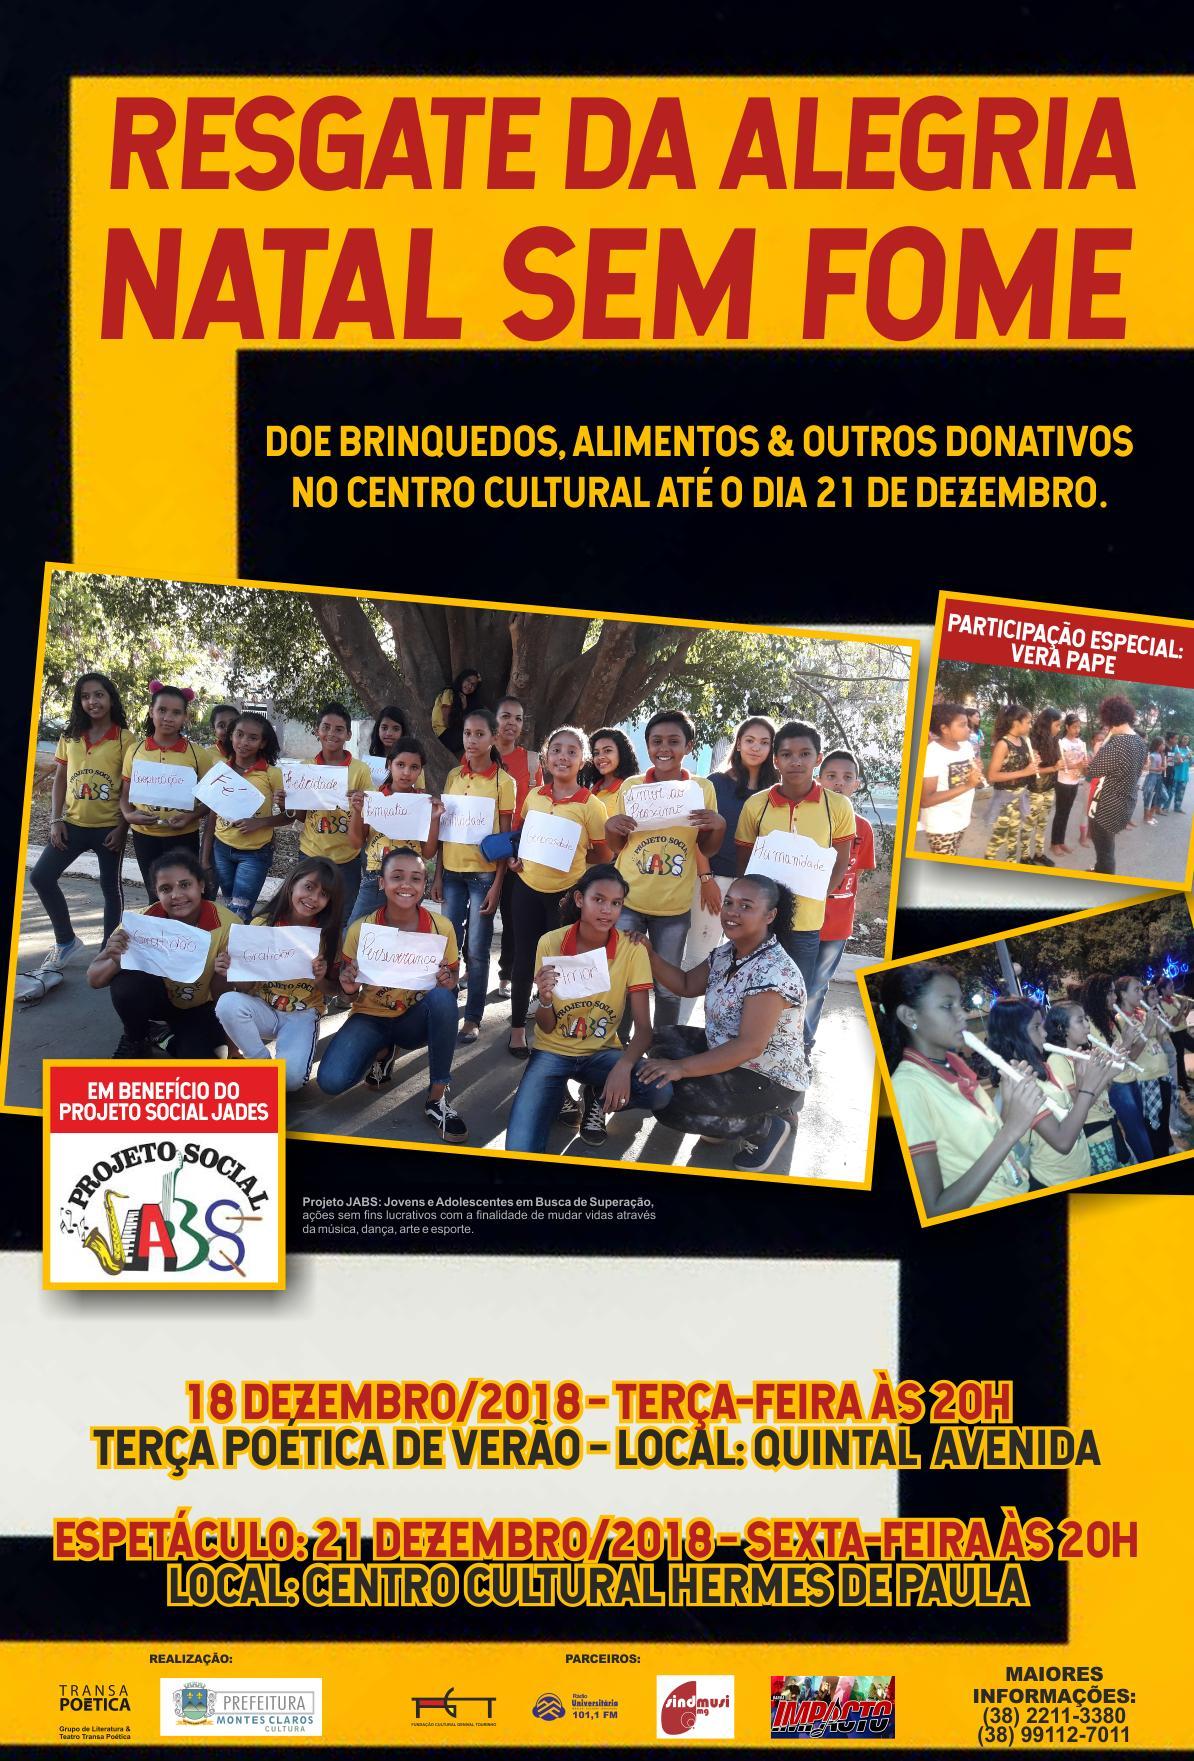 """Imagem de destaque """"Resgate da Alegria – Natal Sem Fome""""  - Doações para a campanha solidária podem ser feitas no Centro Cultural"""